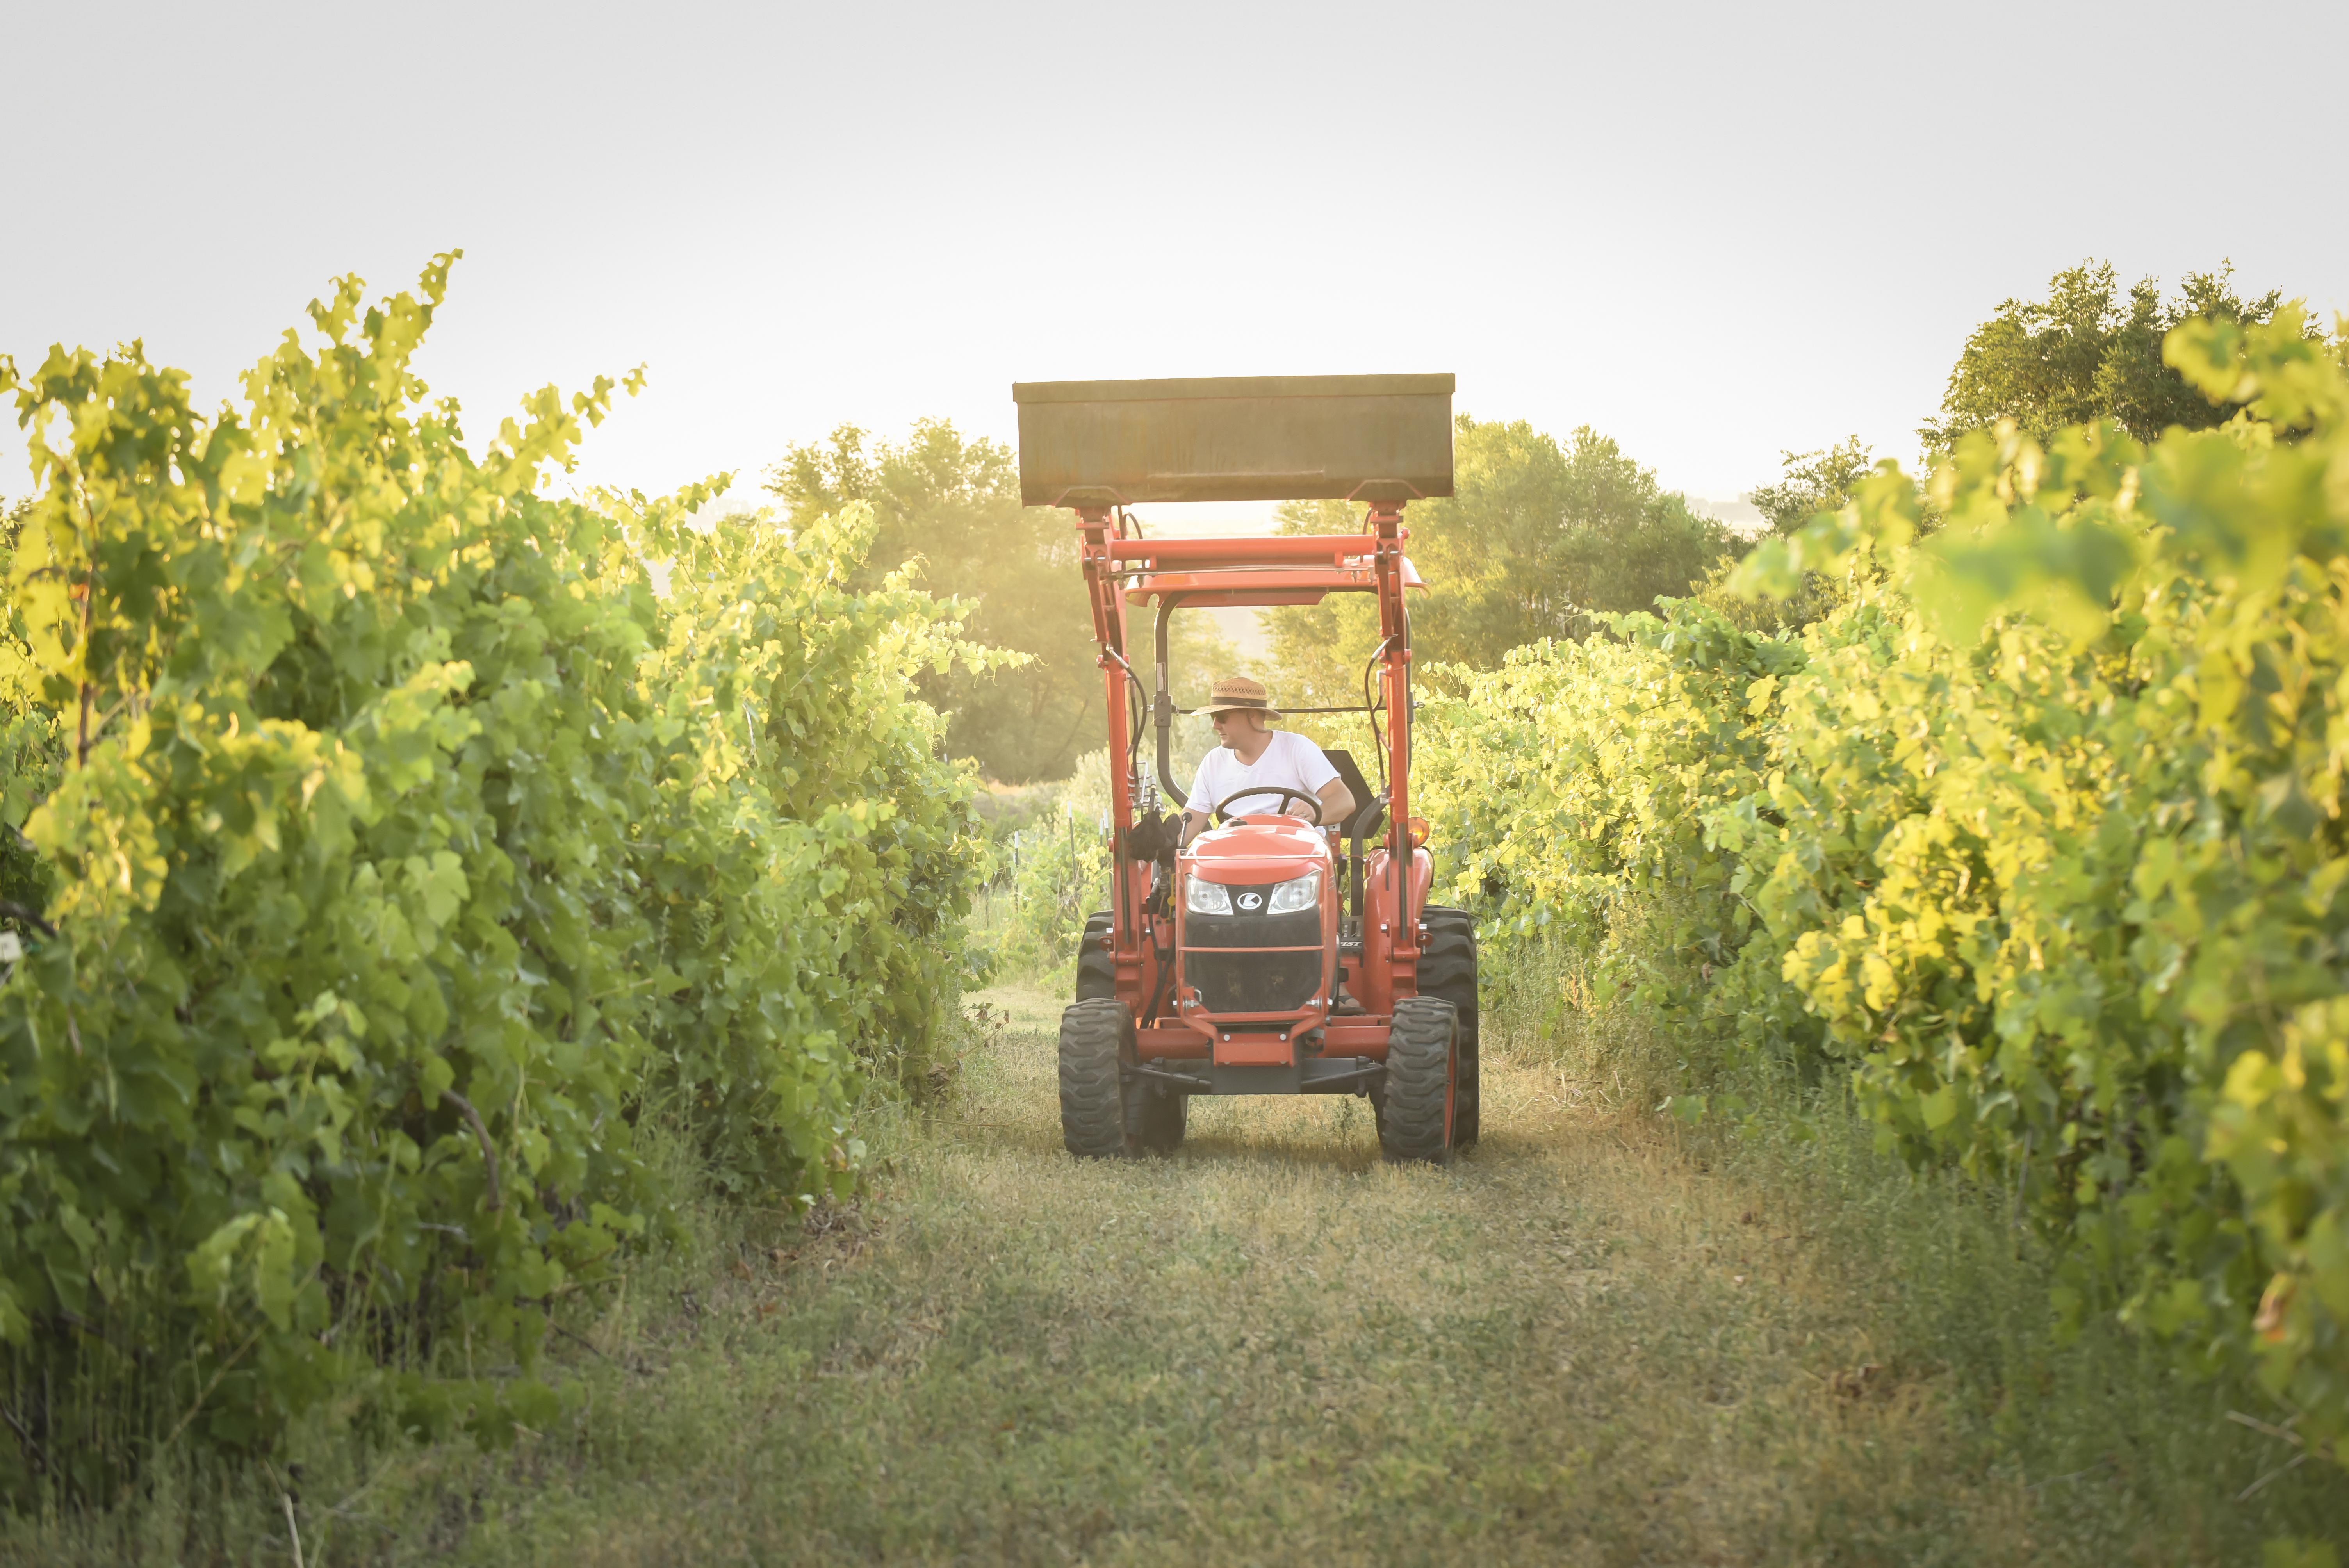 holesinsky-winery-vineyard-tractor-in-vines